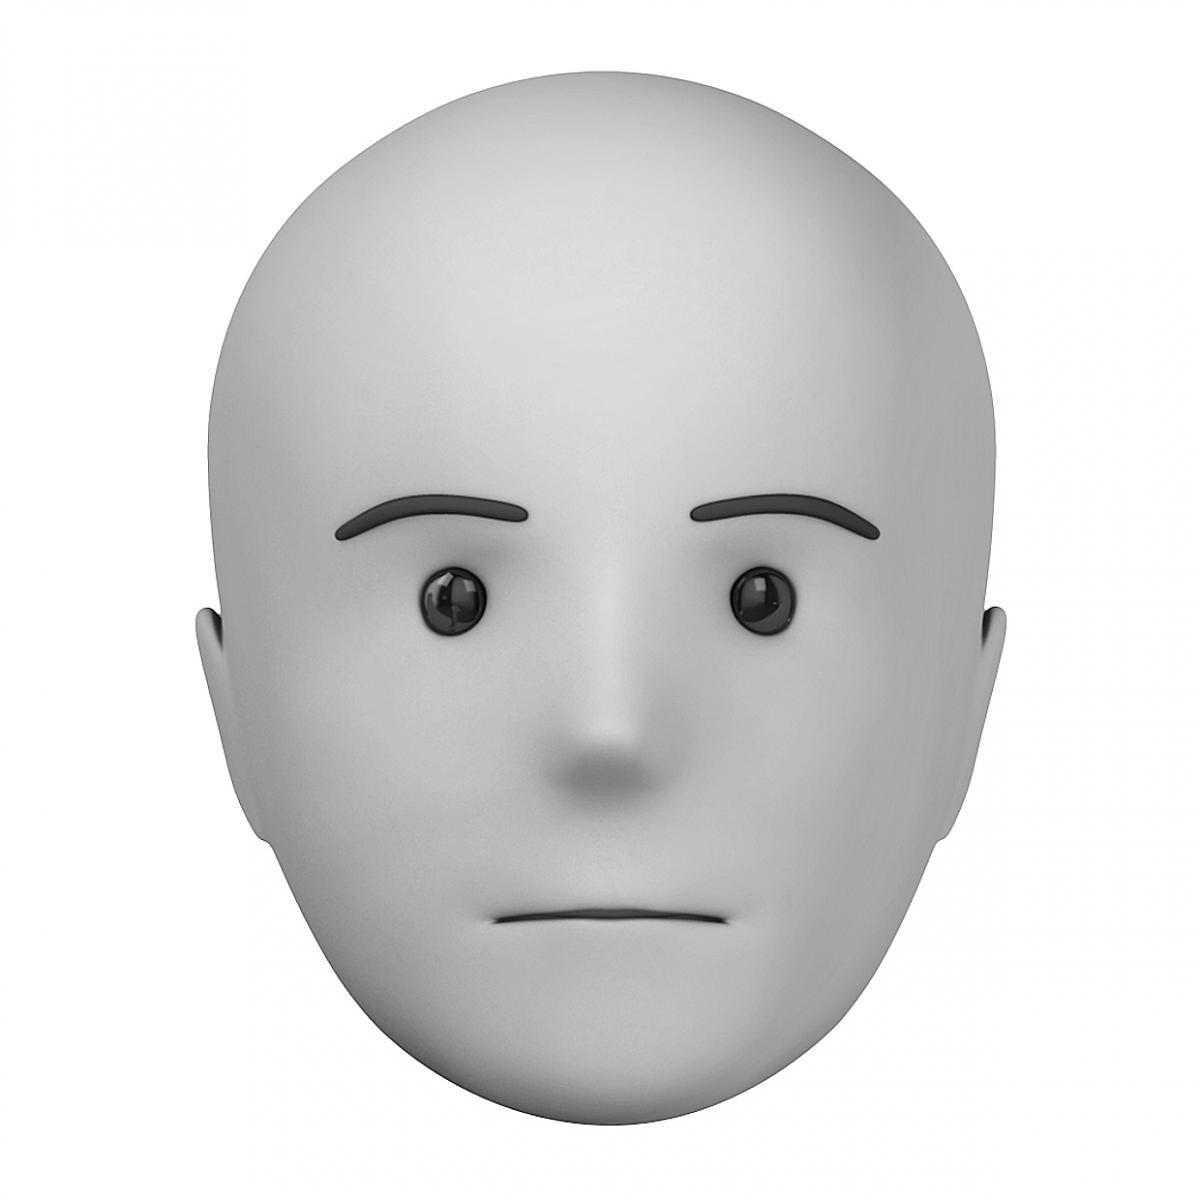 Imagen en la que se ve el concepto genérico de cara